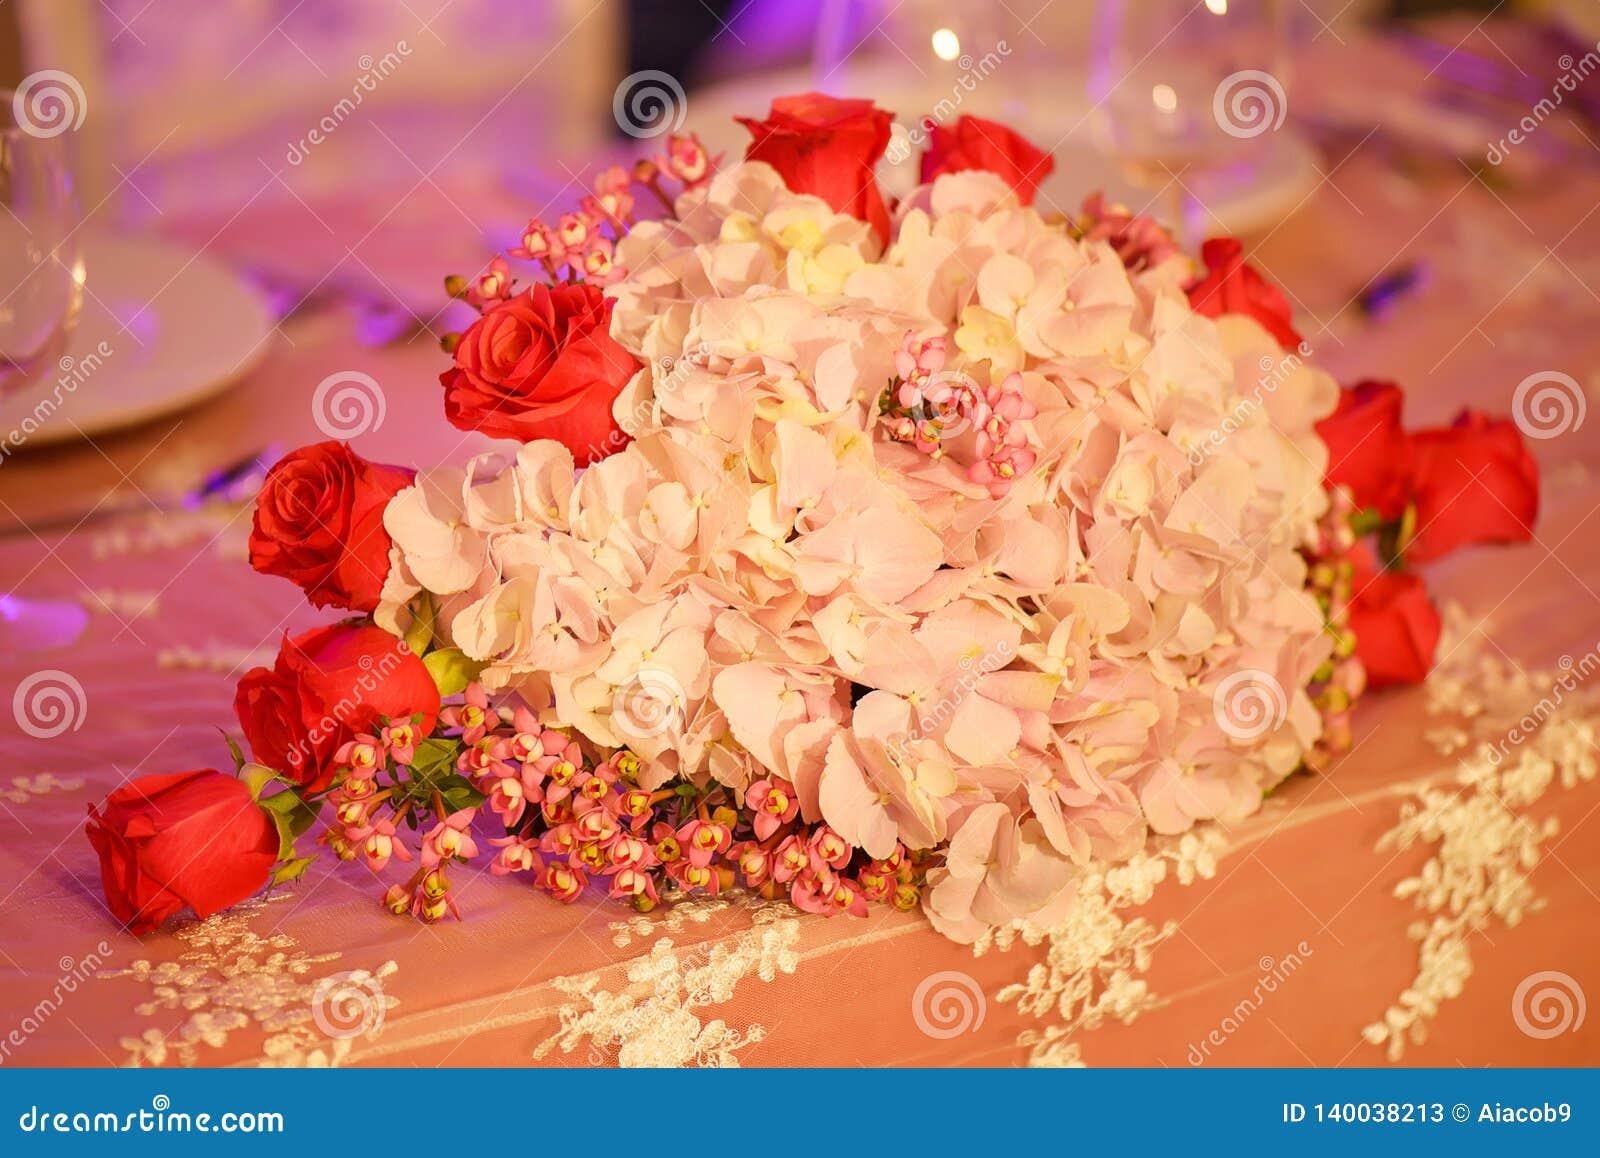 Arreglo Floral Con Clase En Un Ramo Oval En Colores Pastel